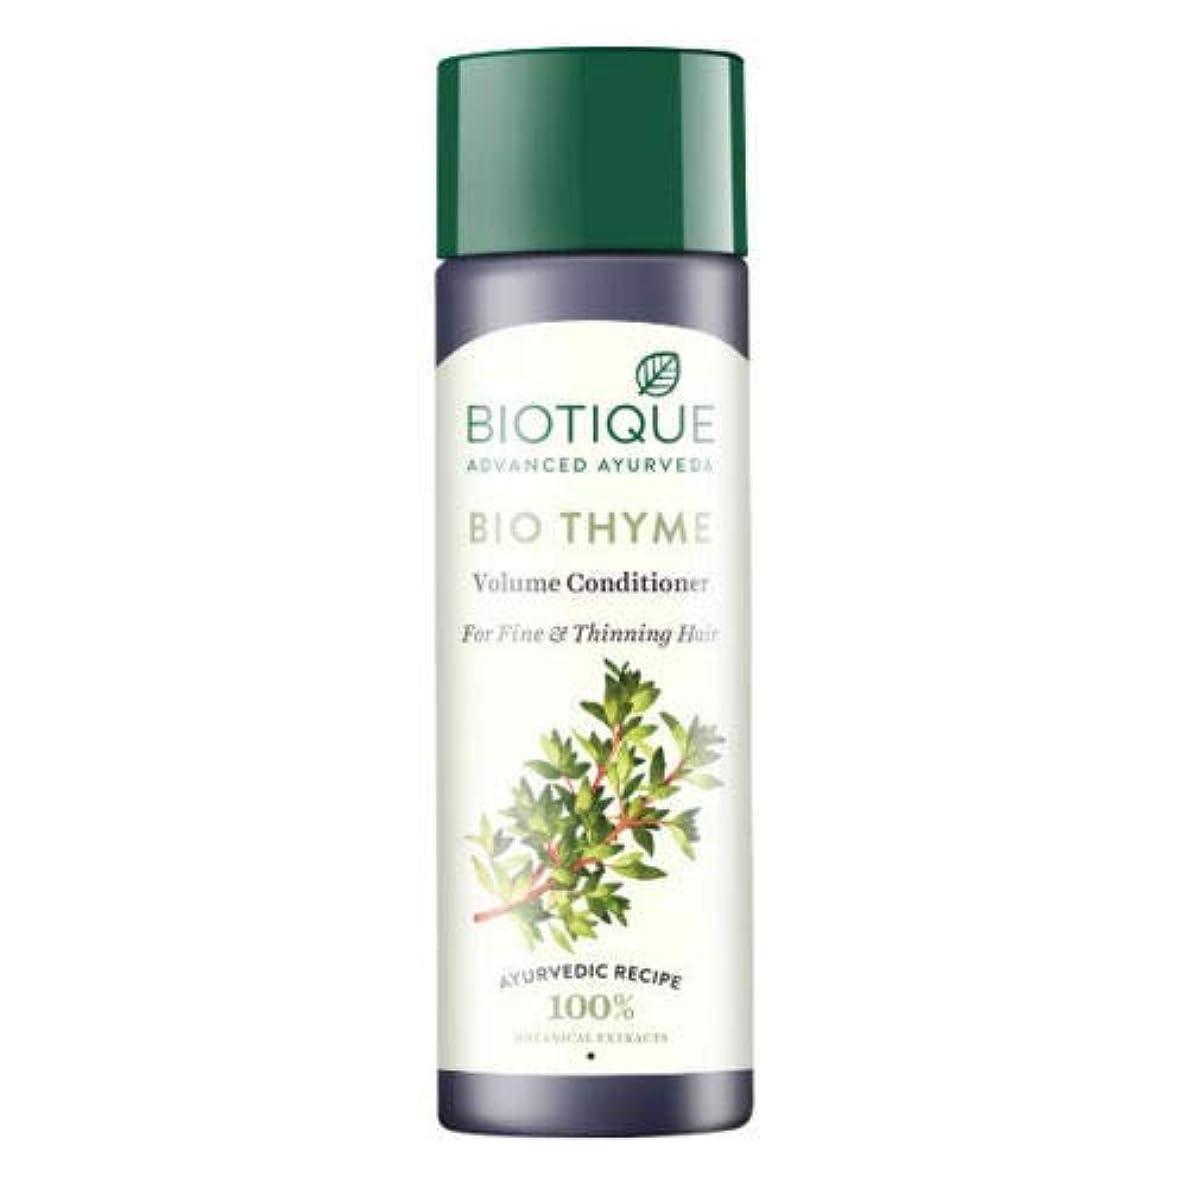 ガイド乱雑な蘇生するBiotique Bio Thyme Fresh Sparkle Volume Conditioner 200 ml For Thinning Hair 薄くなる毛のためのBiotiqueバイオタイムの新しい輝きの量のコンディショナー